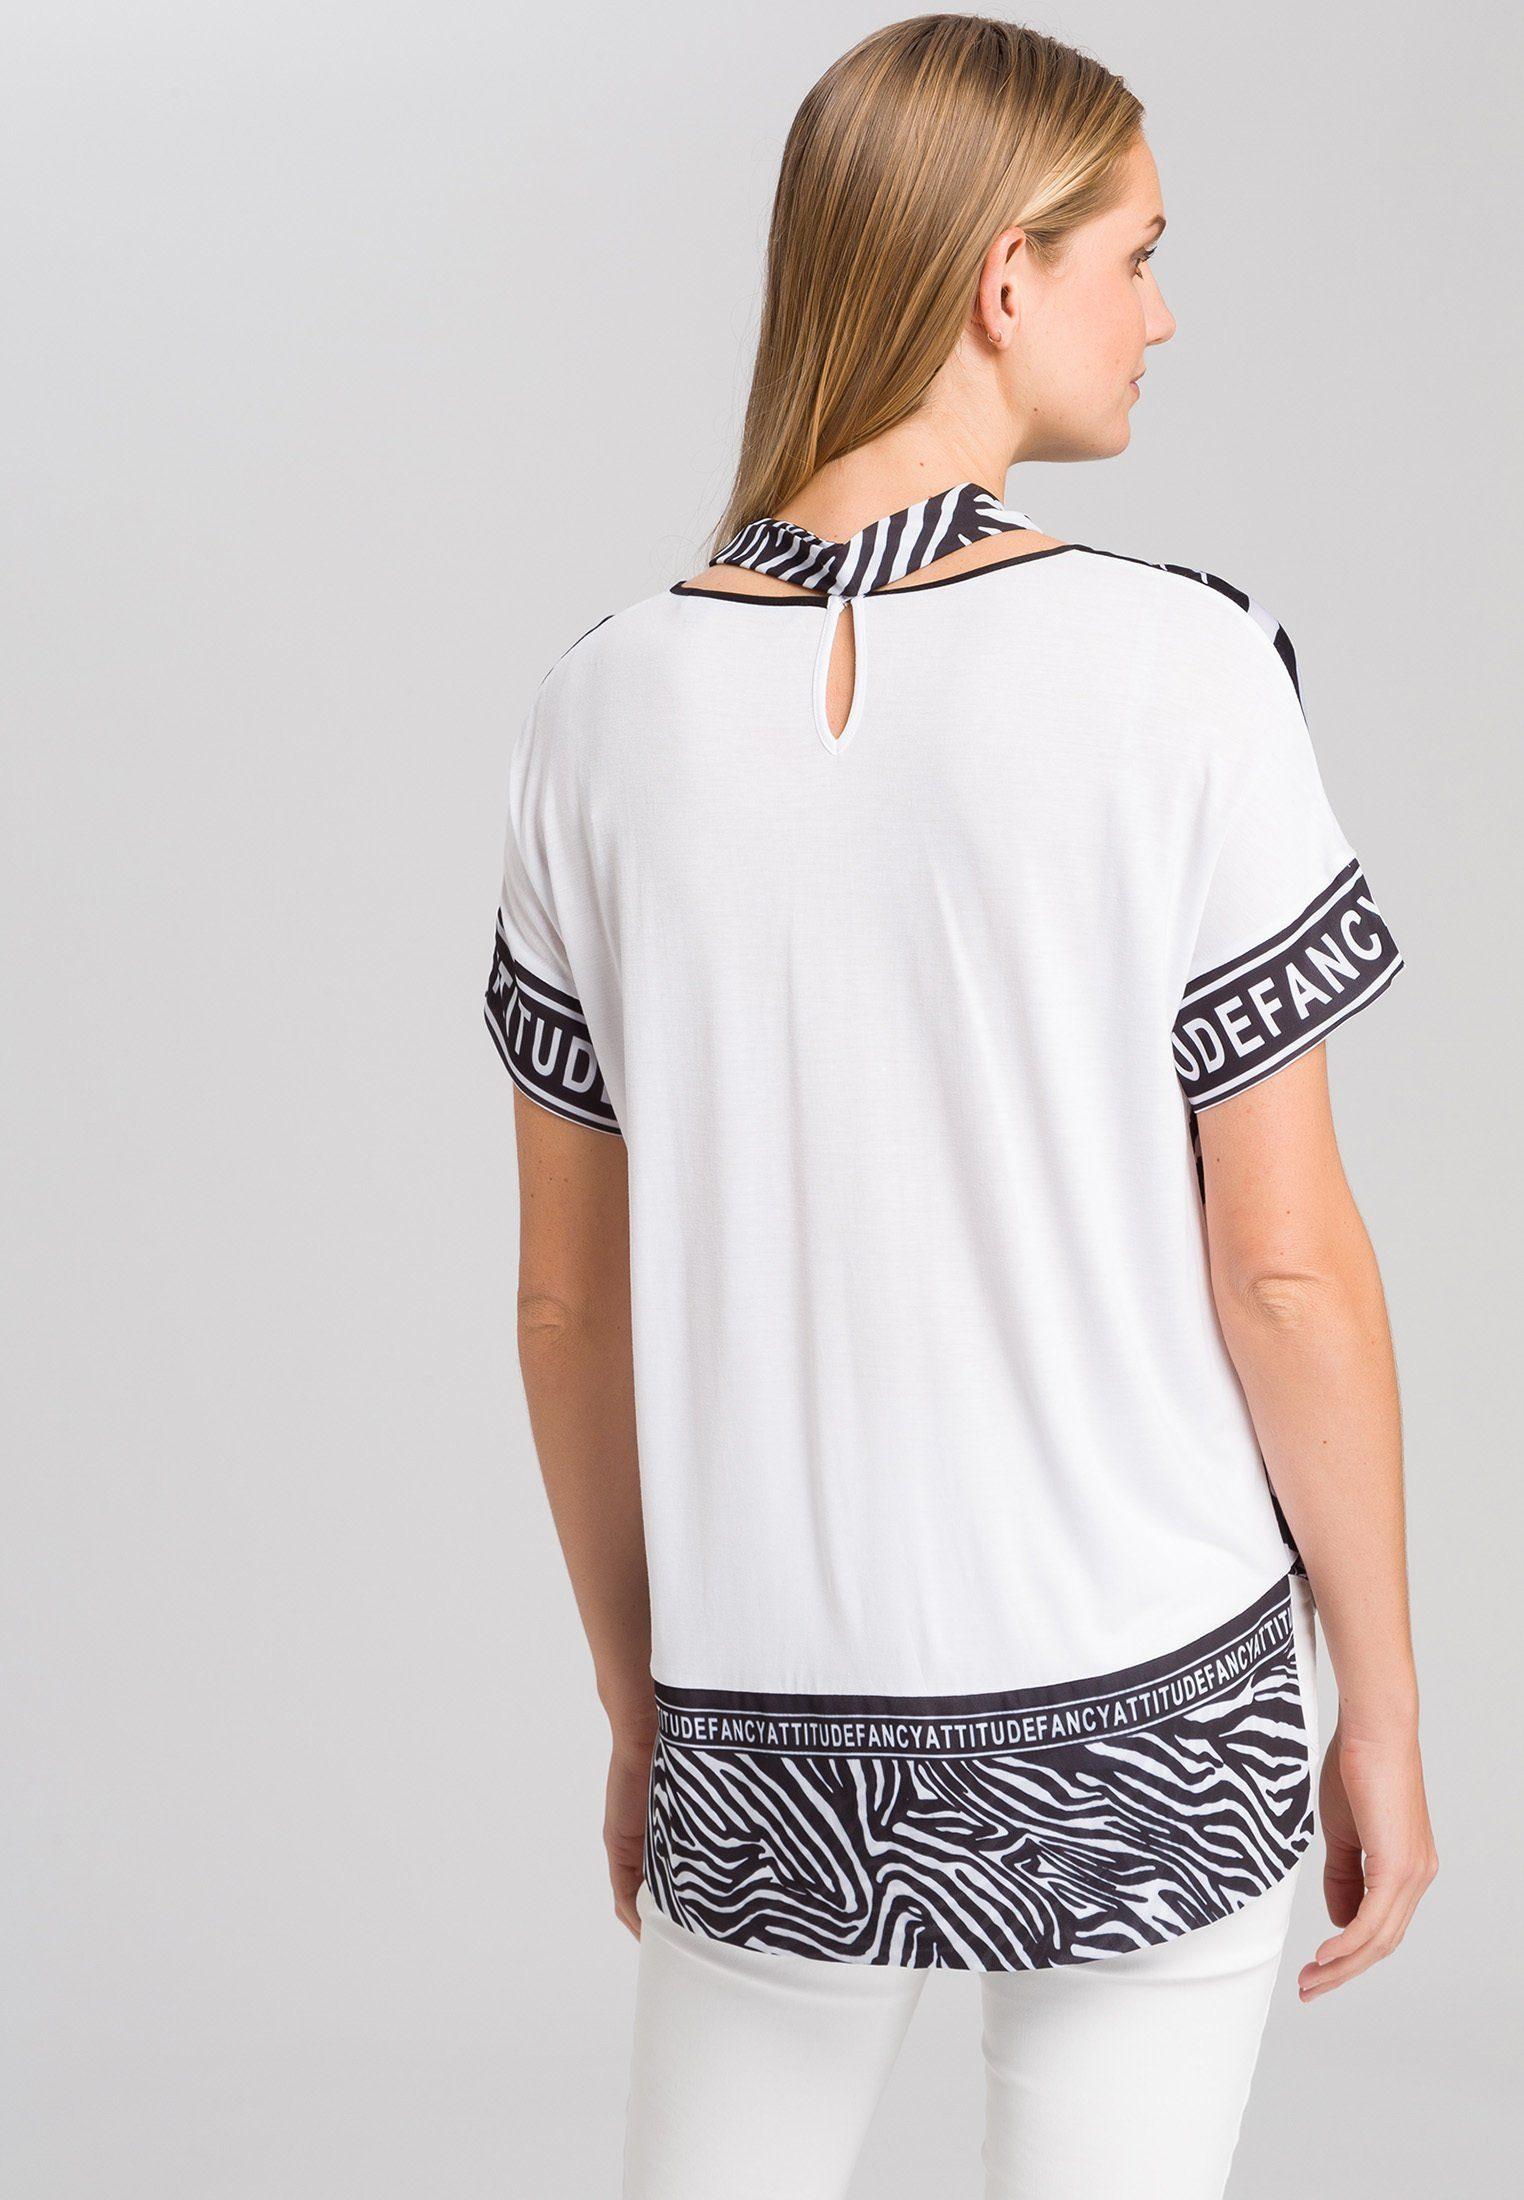 Marc Aurel T-shirt Mit Zebra-print Rücken: Viskose-jersey Online Kaufen